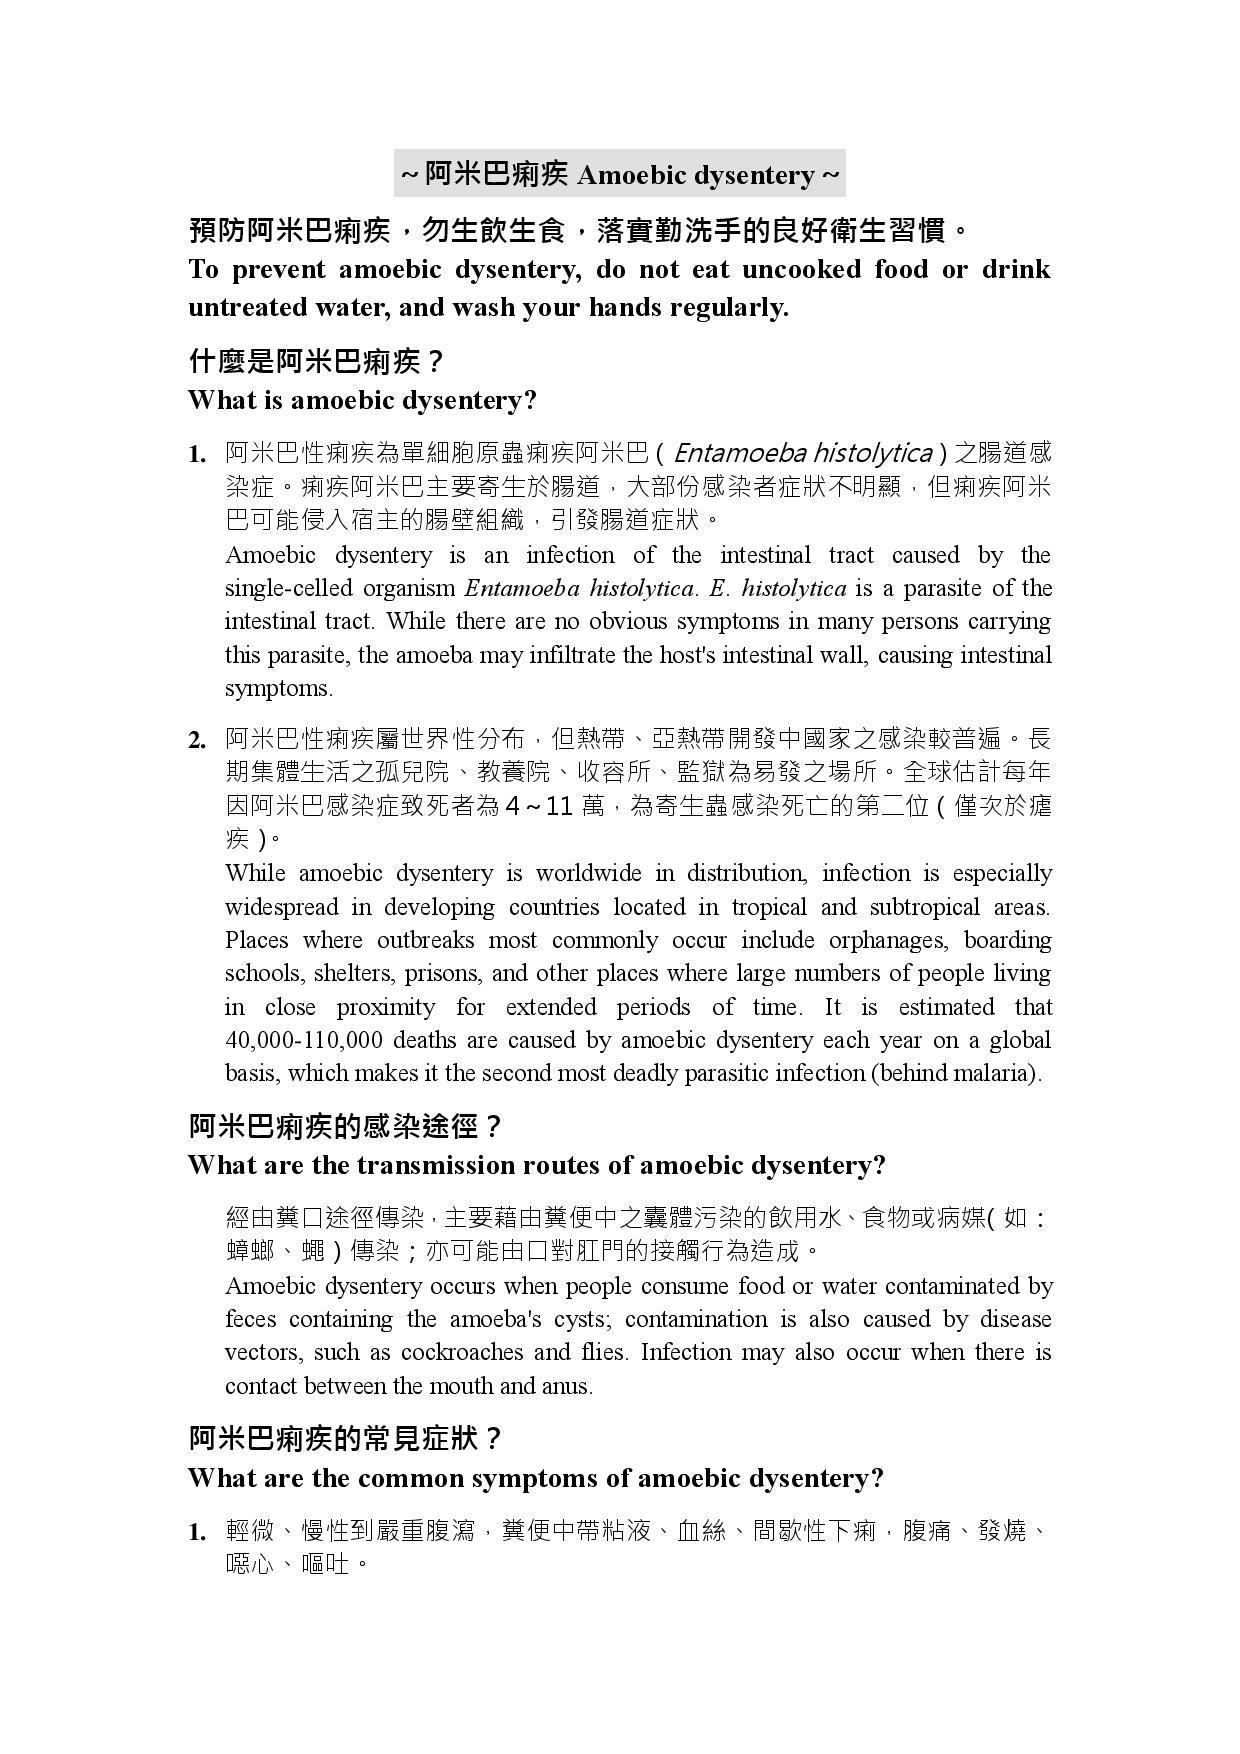 詳如附件【click me】To prevent amoebic dysentery(Page 1)預防阿米巴痢疾(英文)